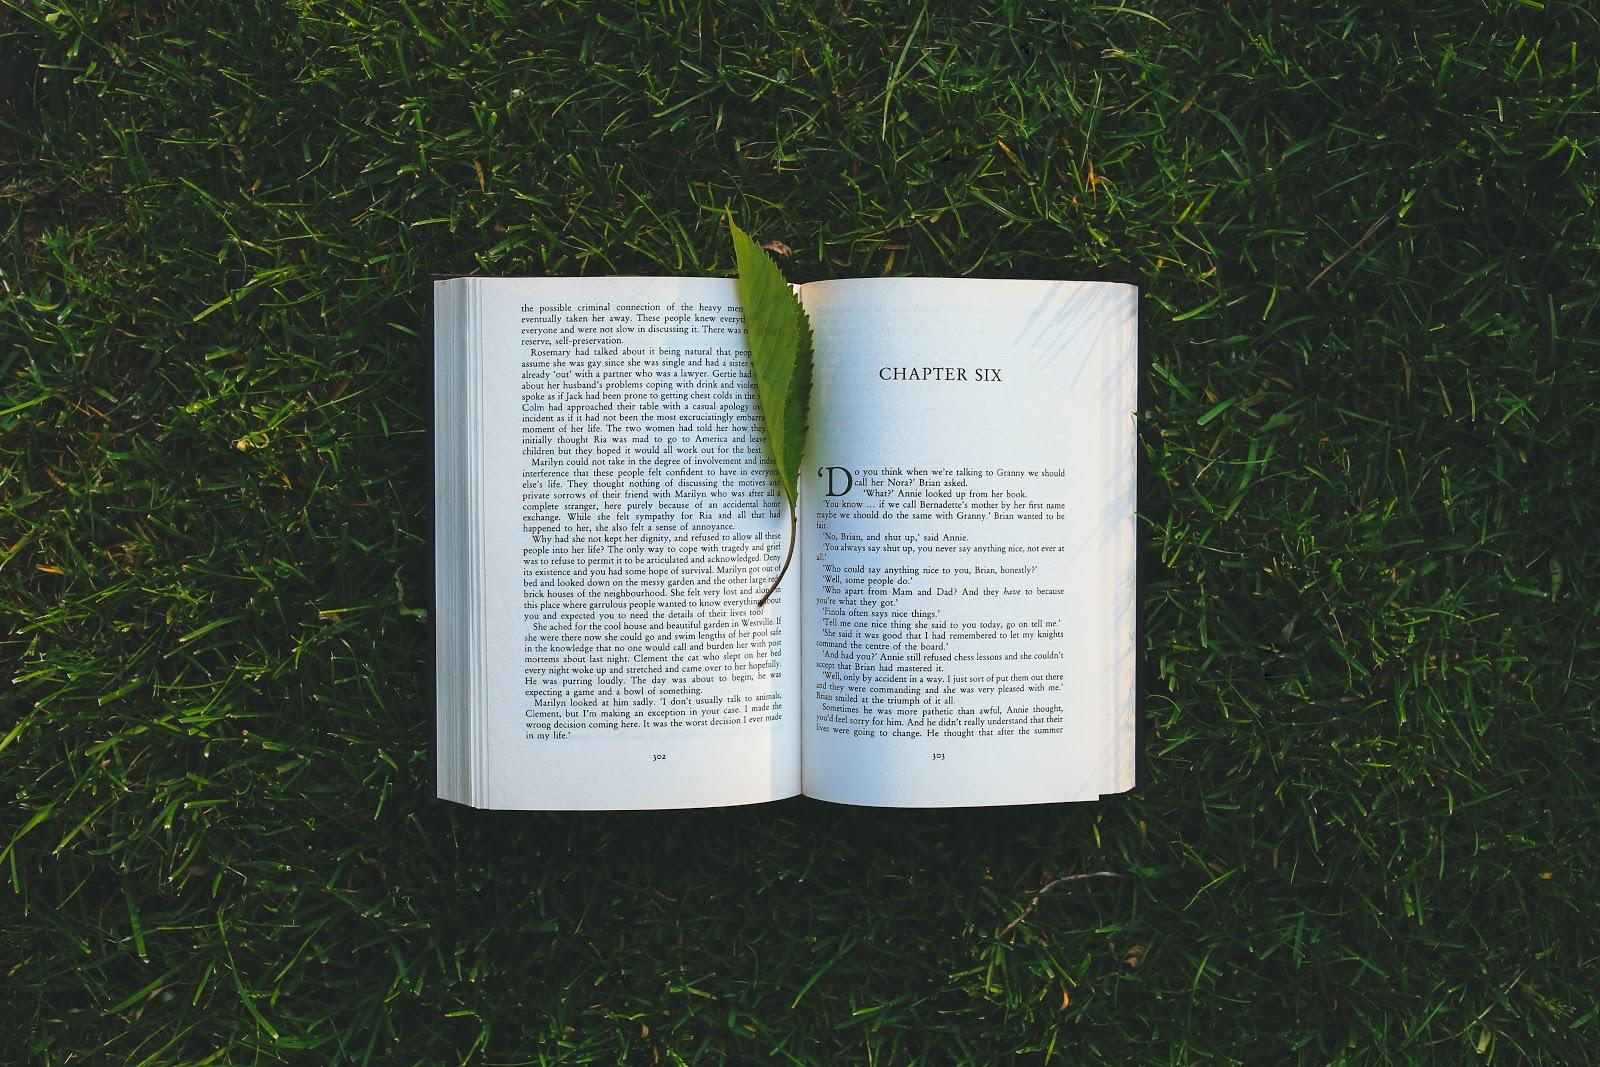 Book on grass - image credit: Pexels / kaboompics.com